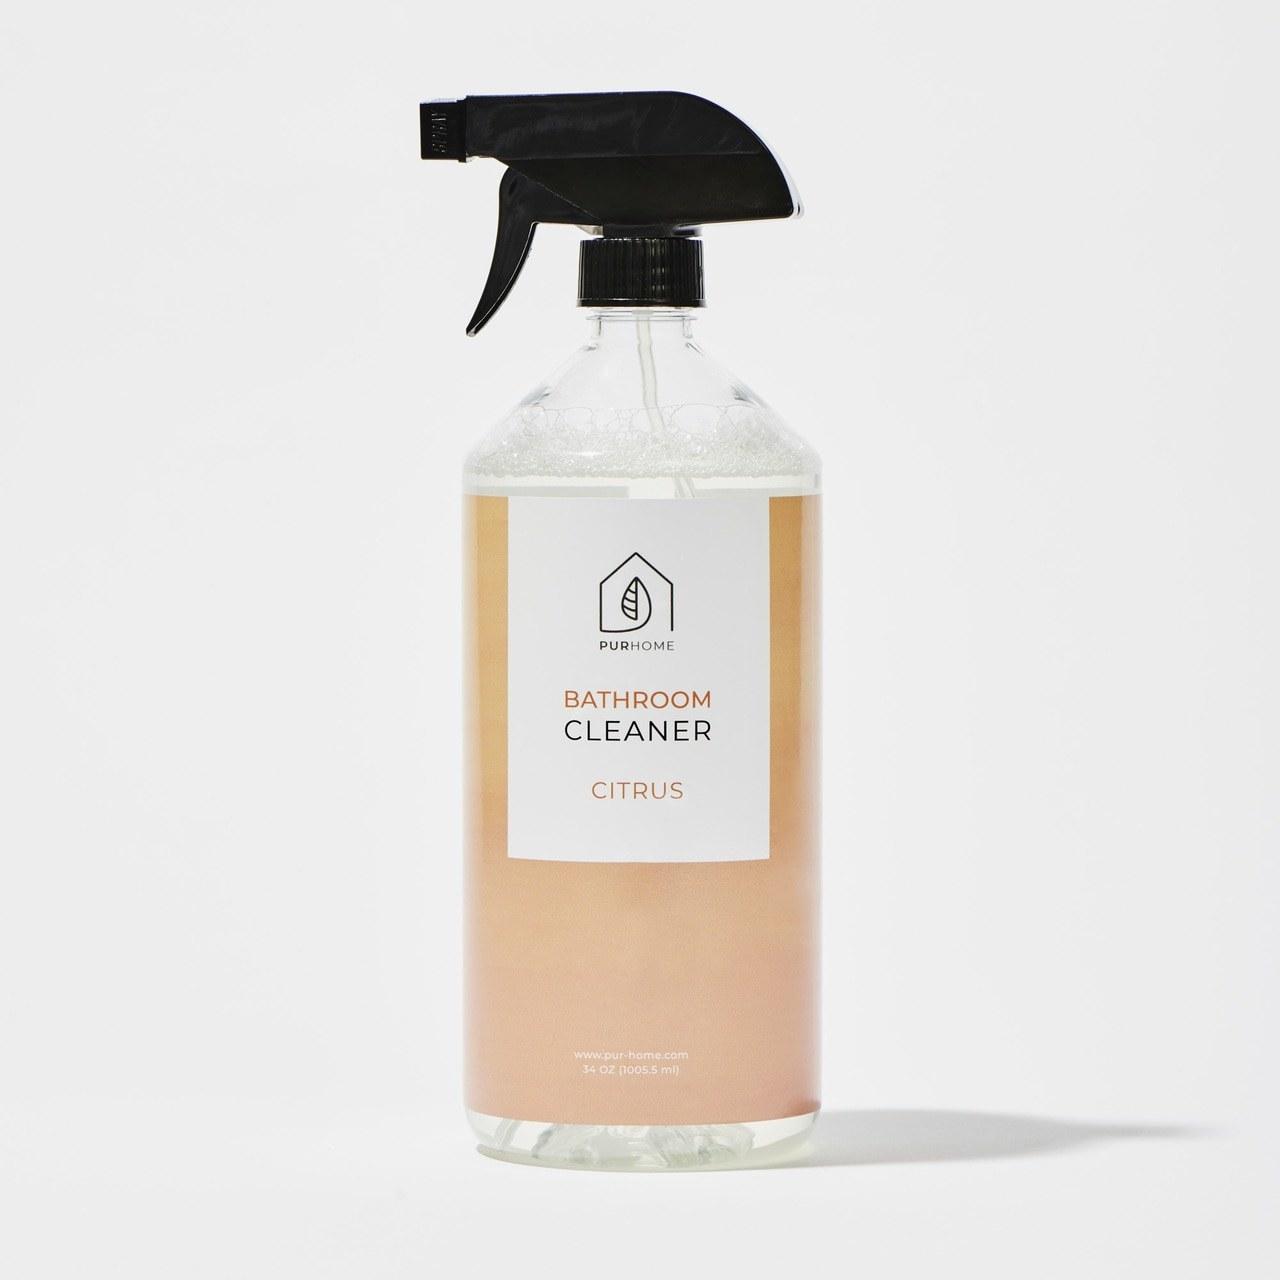 spray bottle of citrus bathroom cleaner